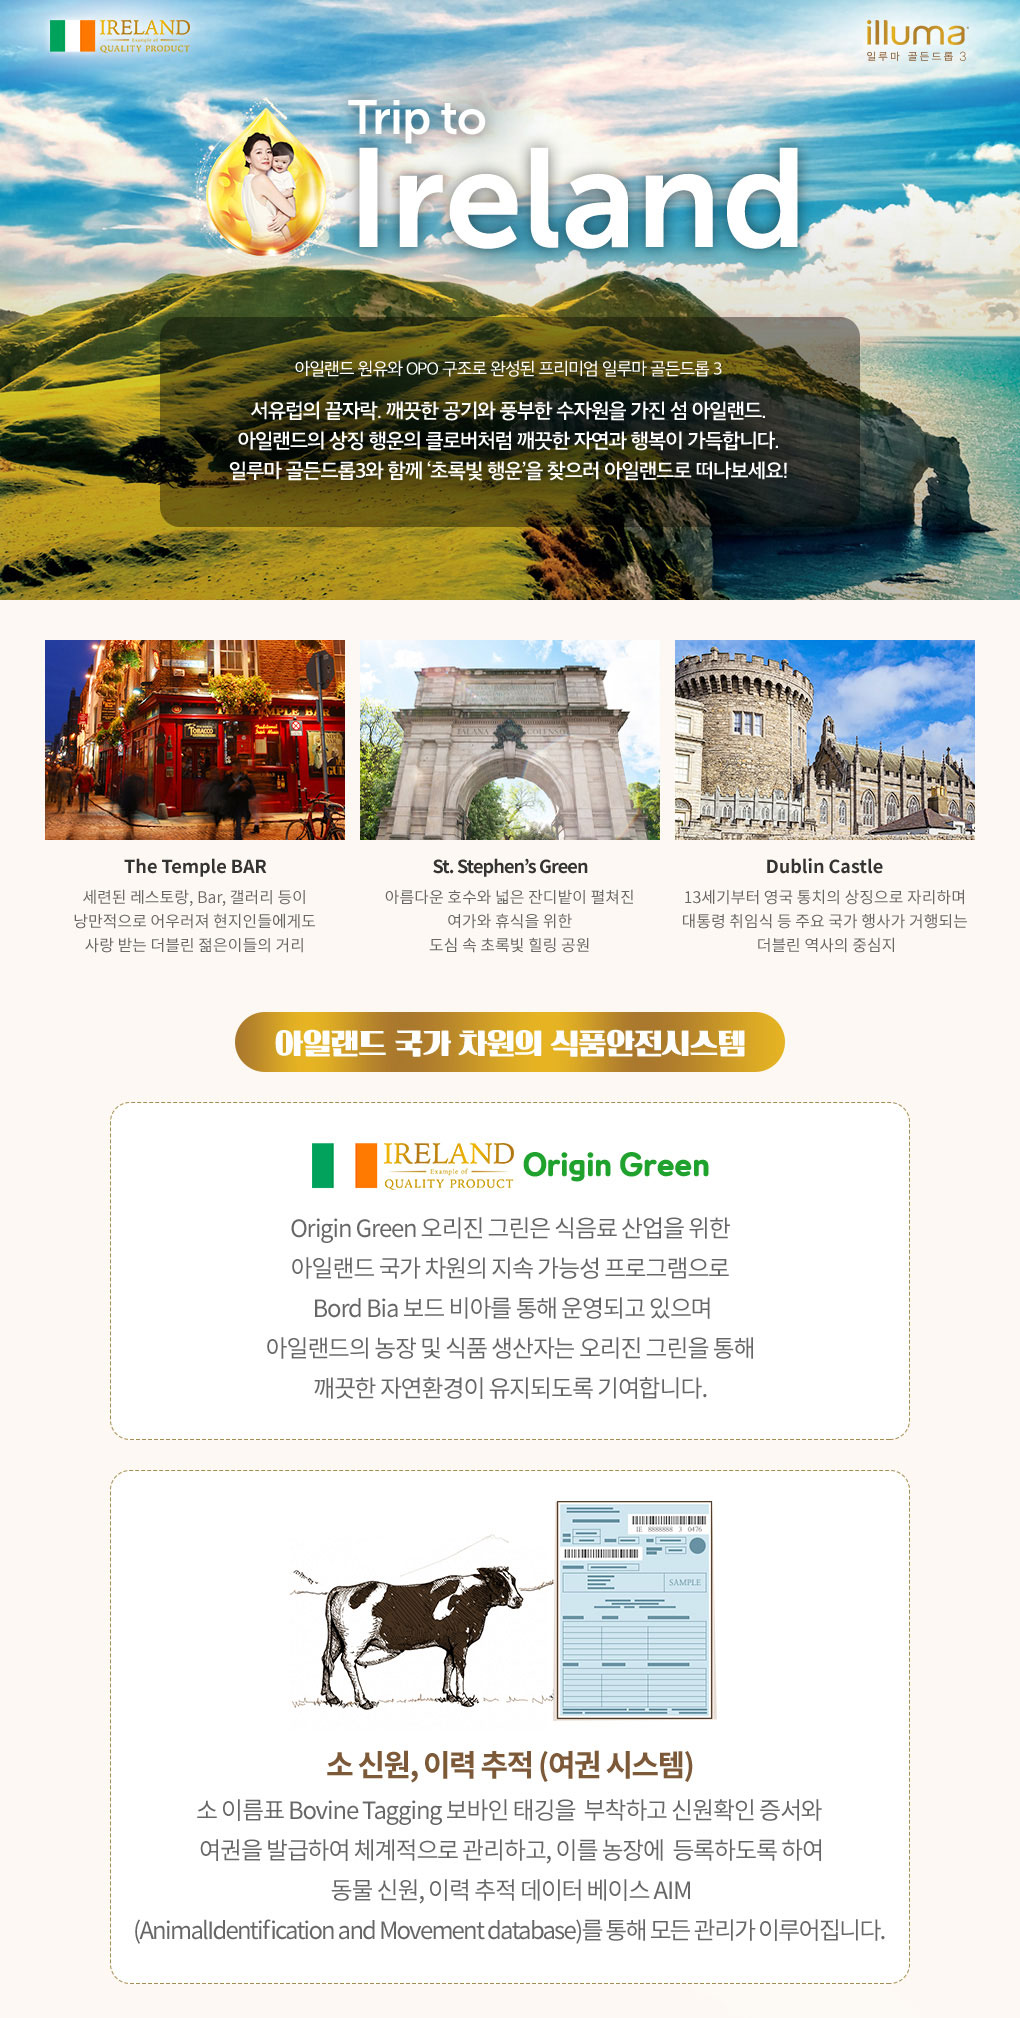 아일랜드 원유와 OPO 구조로 완성된 프리미엄 일루마 골든드롭3 서유럽의 끝자락. 깨끗한 공기와 풍부한 수자원을 가진 섬 아일랜드. 아일랜드의 상징 행운의 클로버처럼 깨끗한 자연과 행복이 가득합니다. 일루마 골든드롭3 와 함께 '초록빛 행운' 을 찾으러 아일랜드로 떠나보세요!